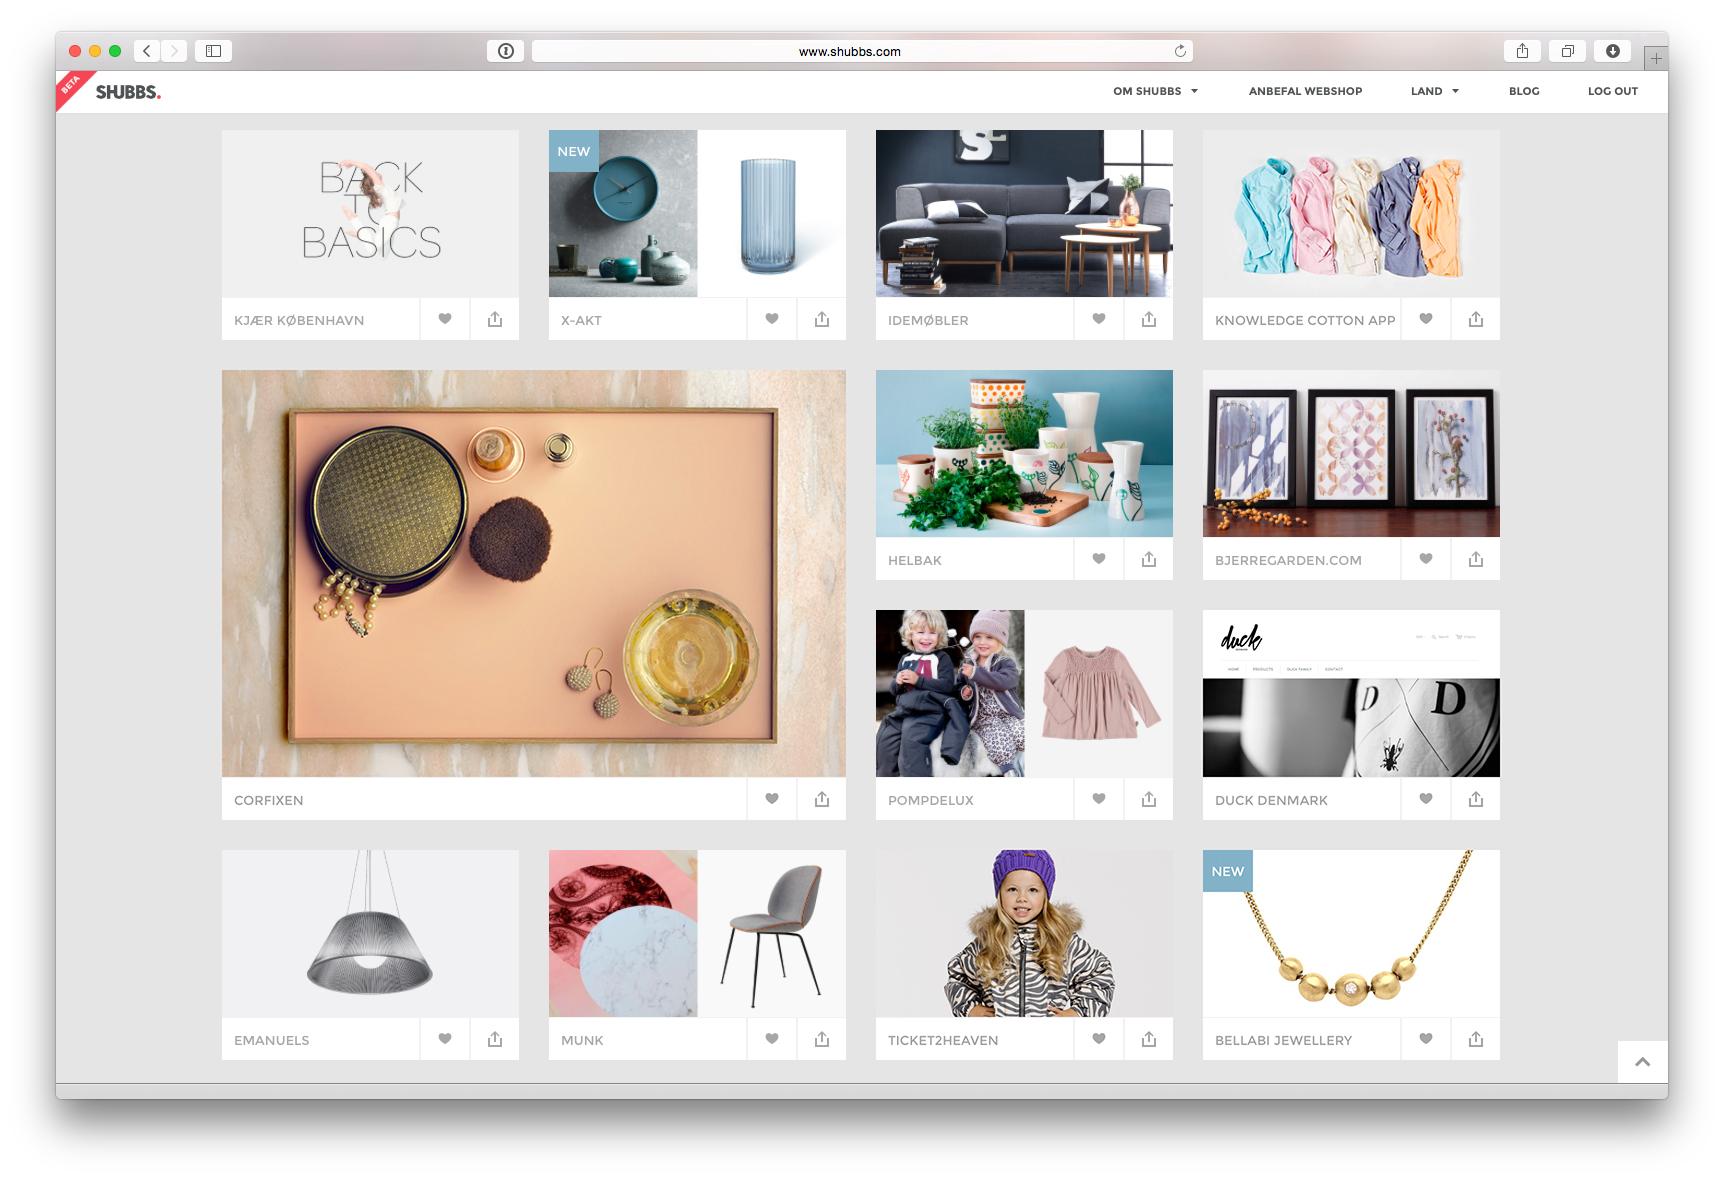 Ny platform danner overblik over udvalget af netbutikker